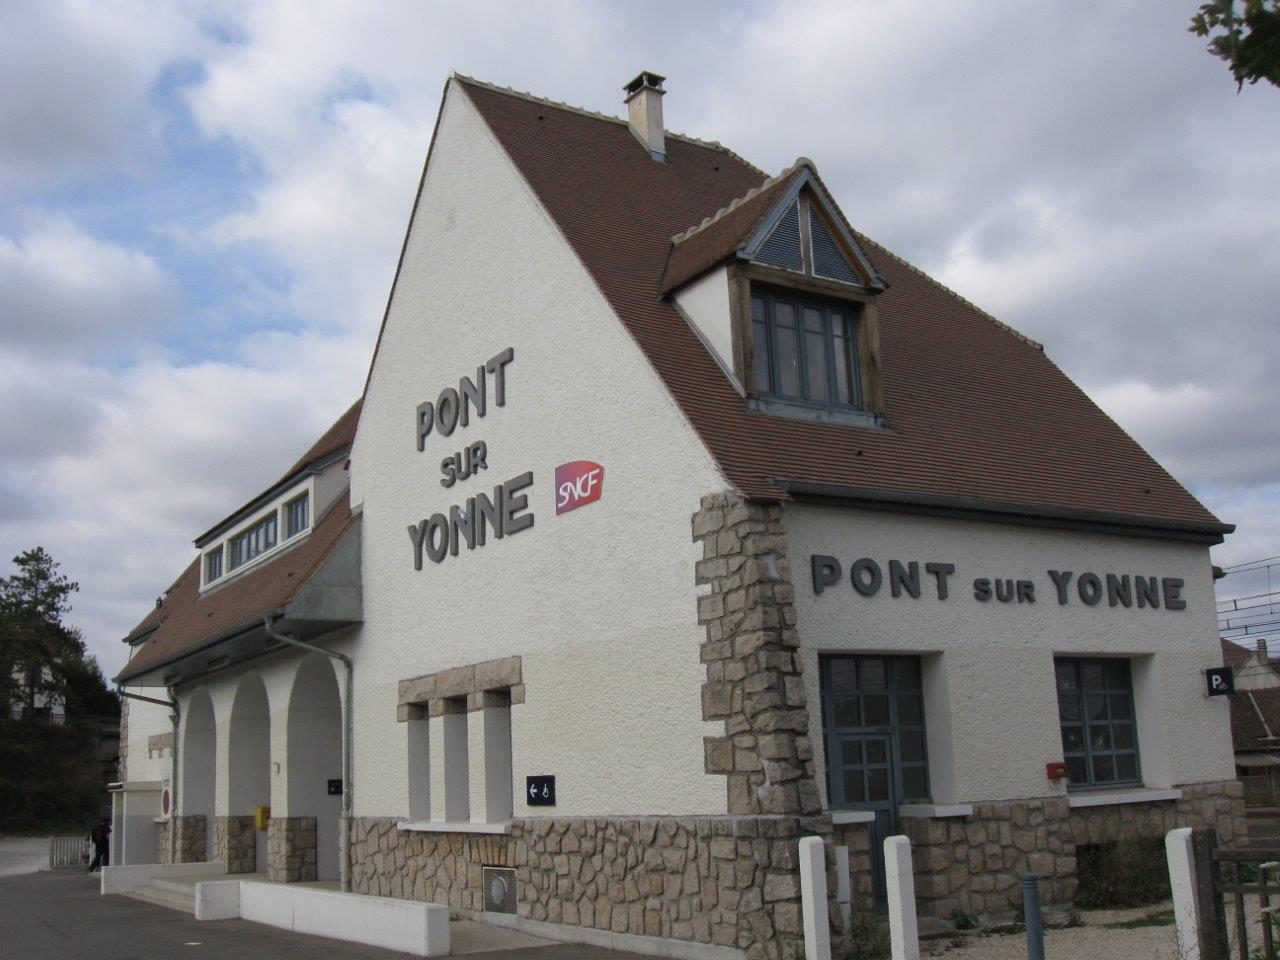 gare-de-pont-sur-yonne-train-station